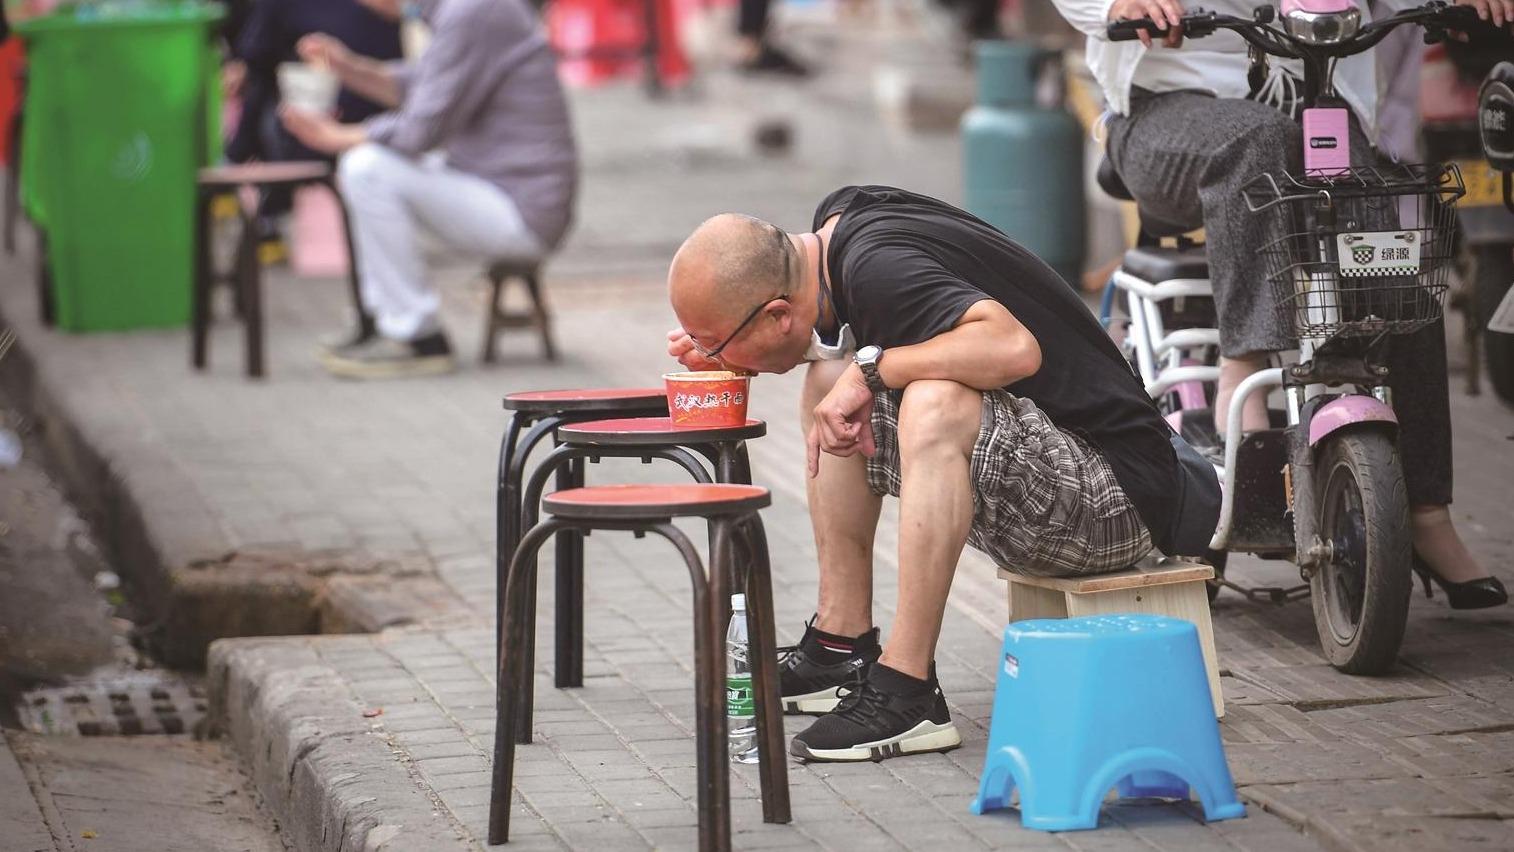 五一期间市民走上街头品尝美食 熟悉的武汉味道慢慢回来了